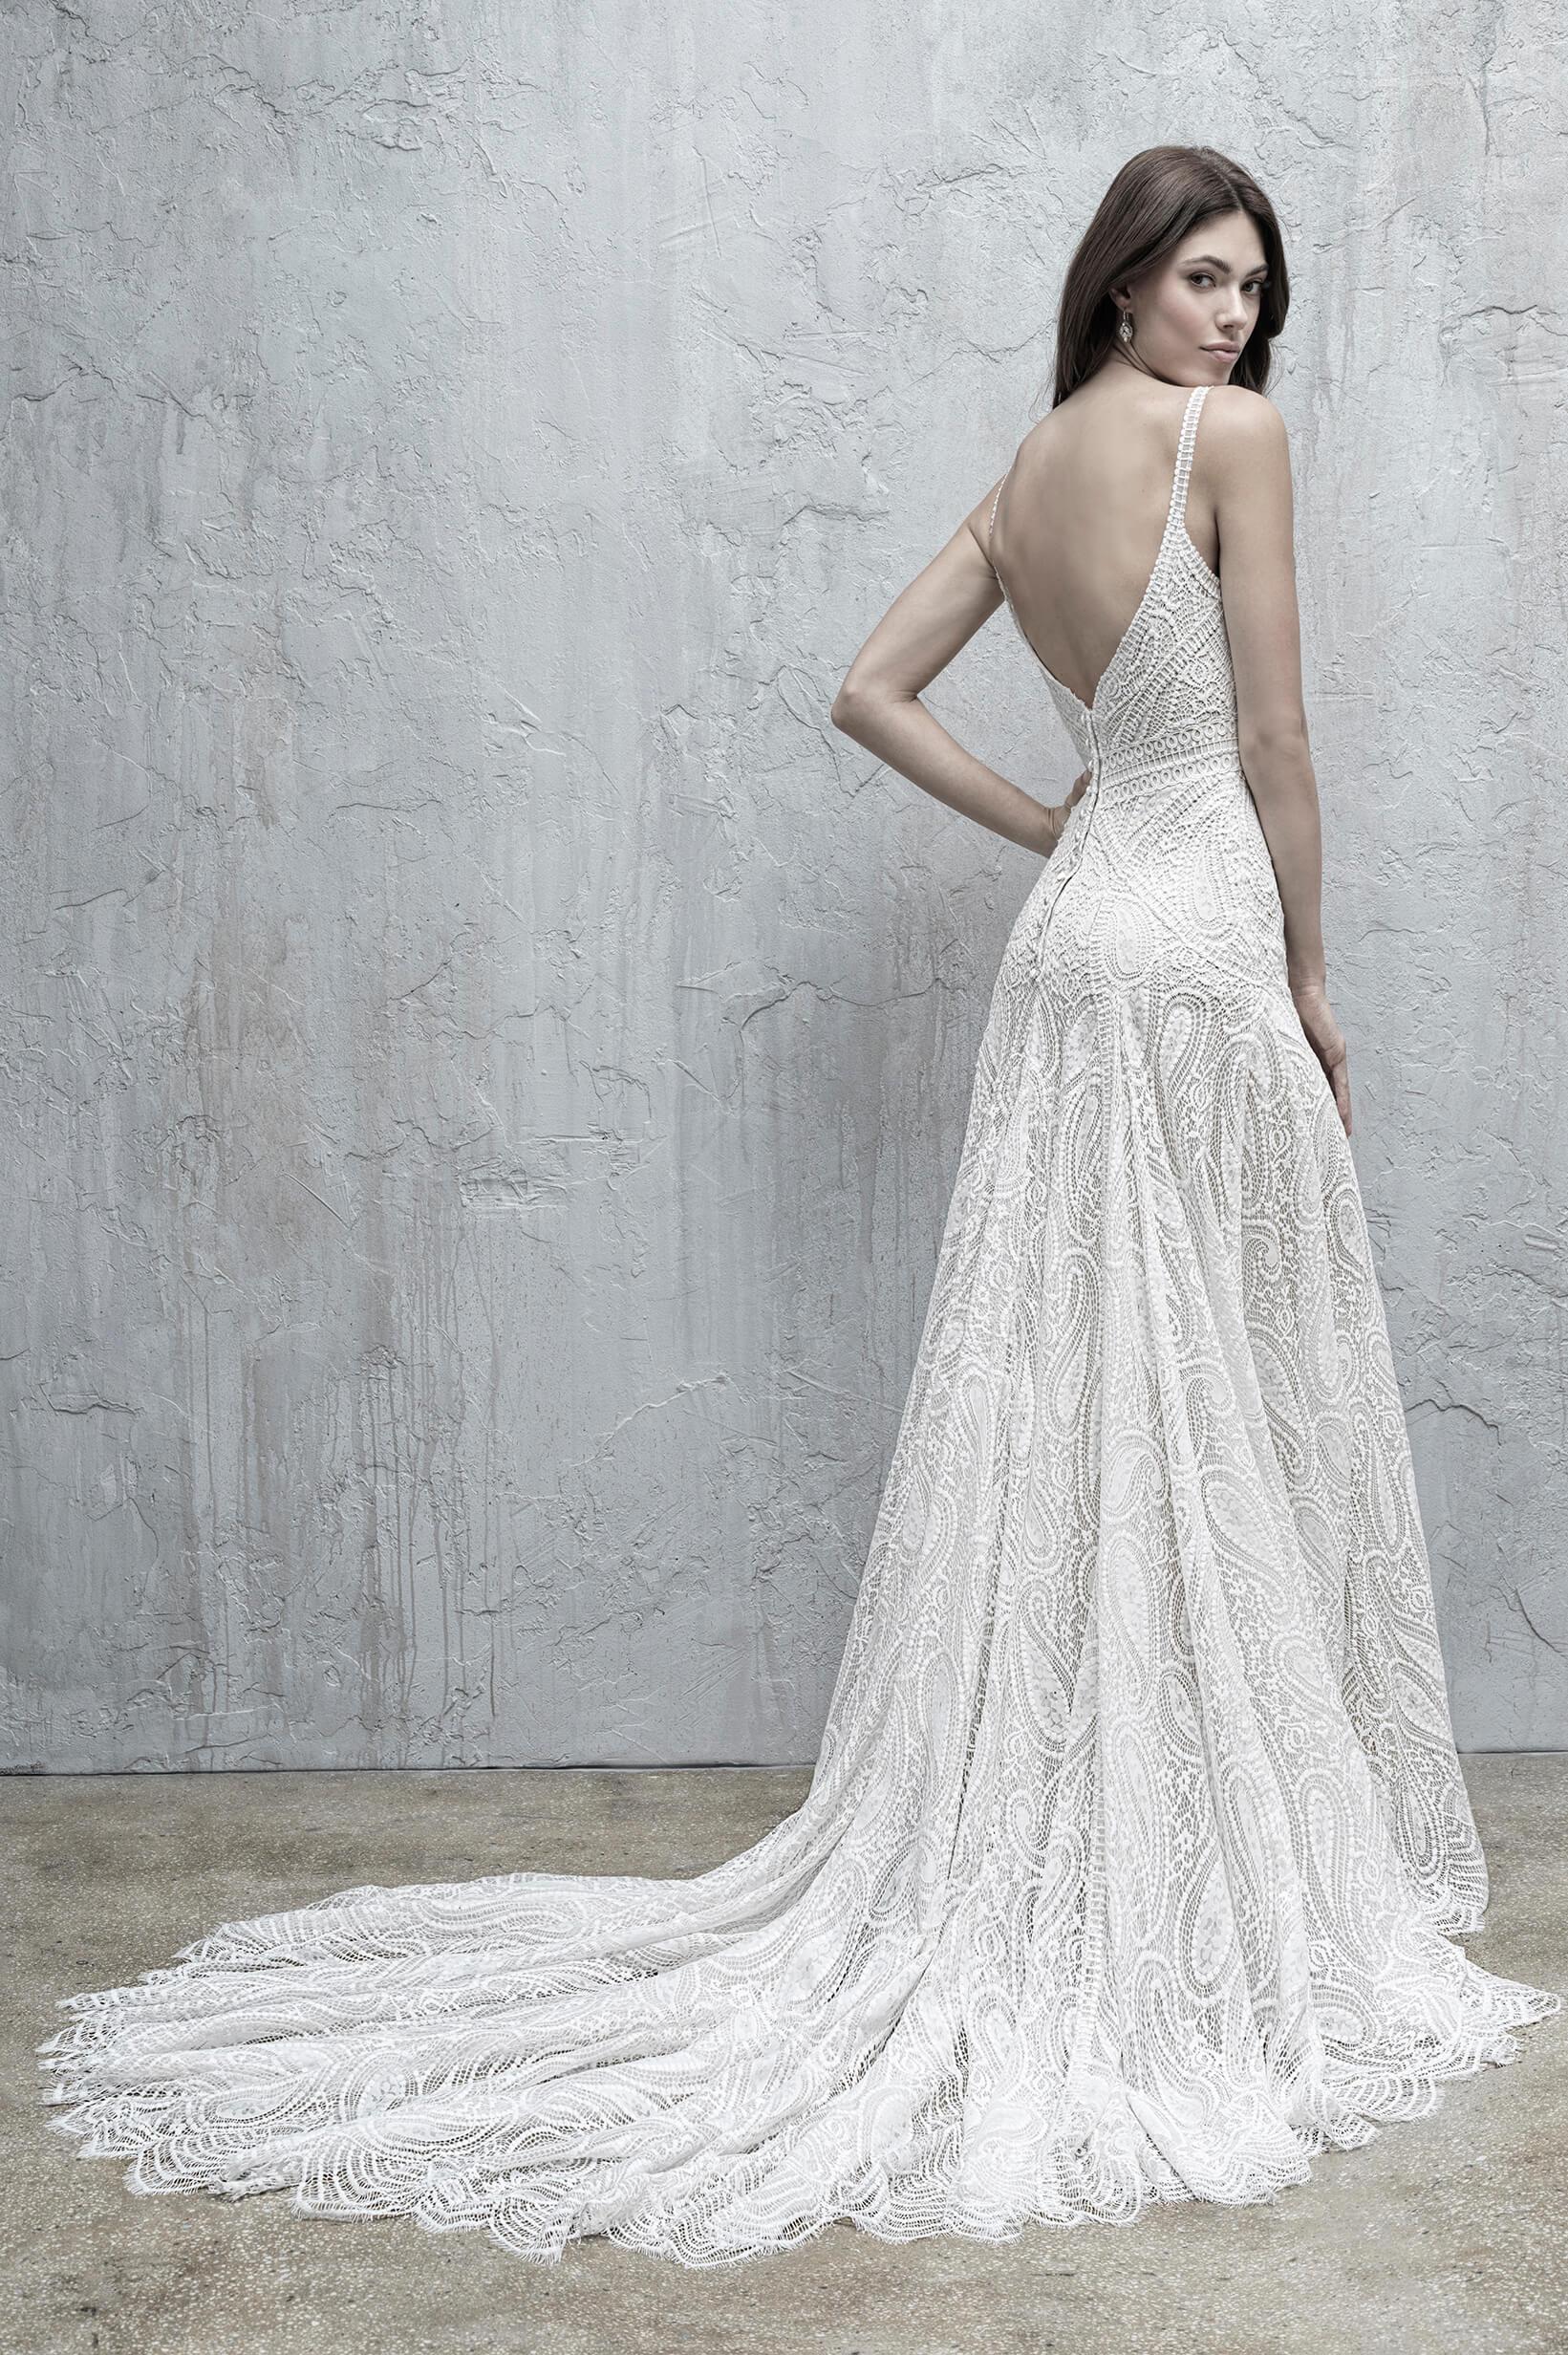 MJ570 Madison James Princess Line Dress